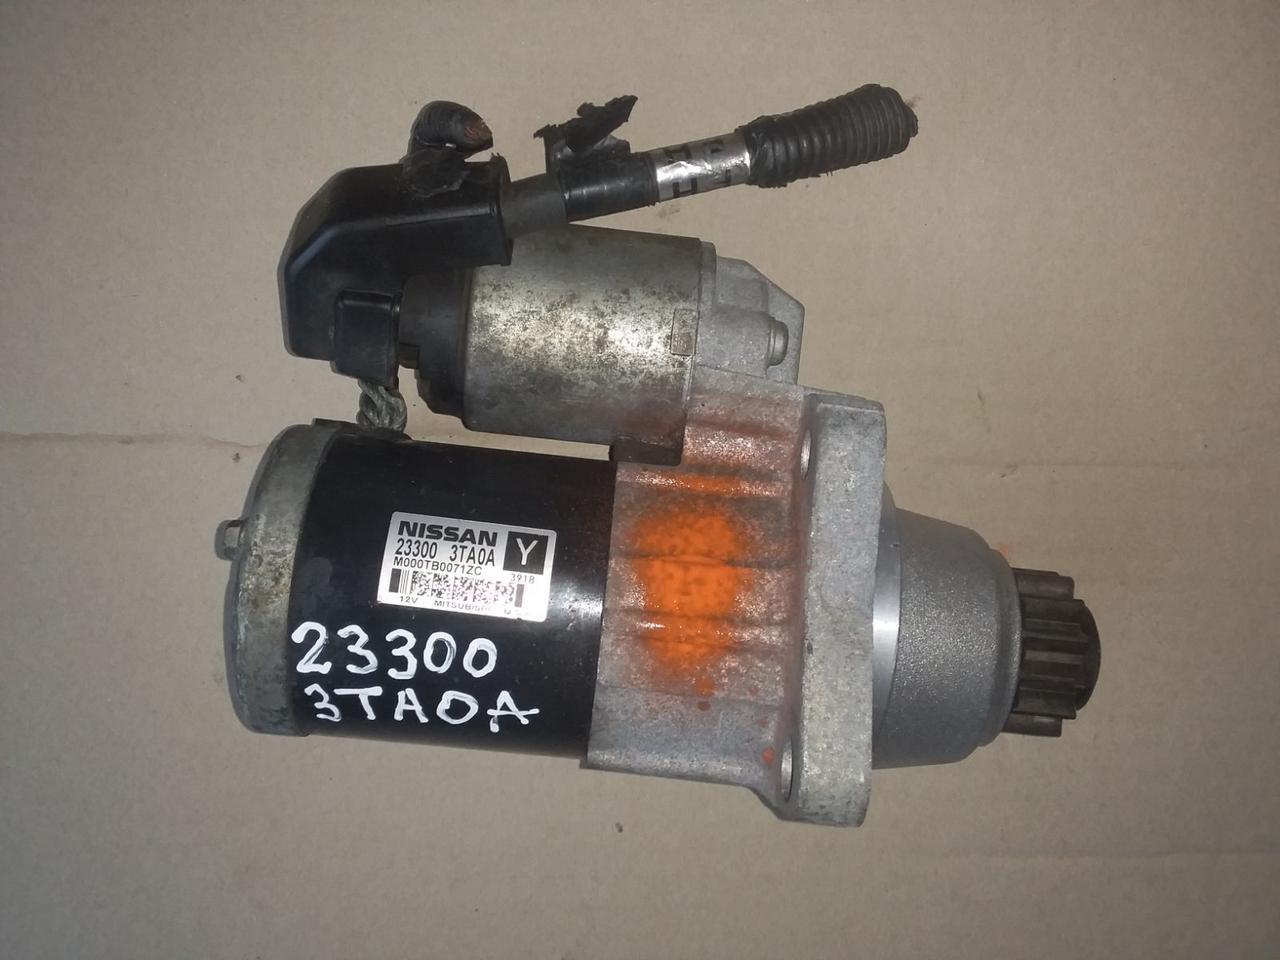 Стартер Nissan X-tail T32 Rogue 2.5 qr25de 233003TA0A 233003TA0C 233003TA0ARE